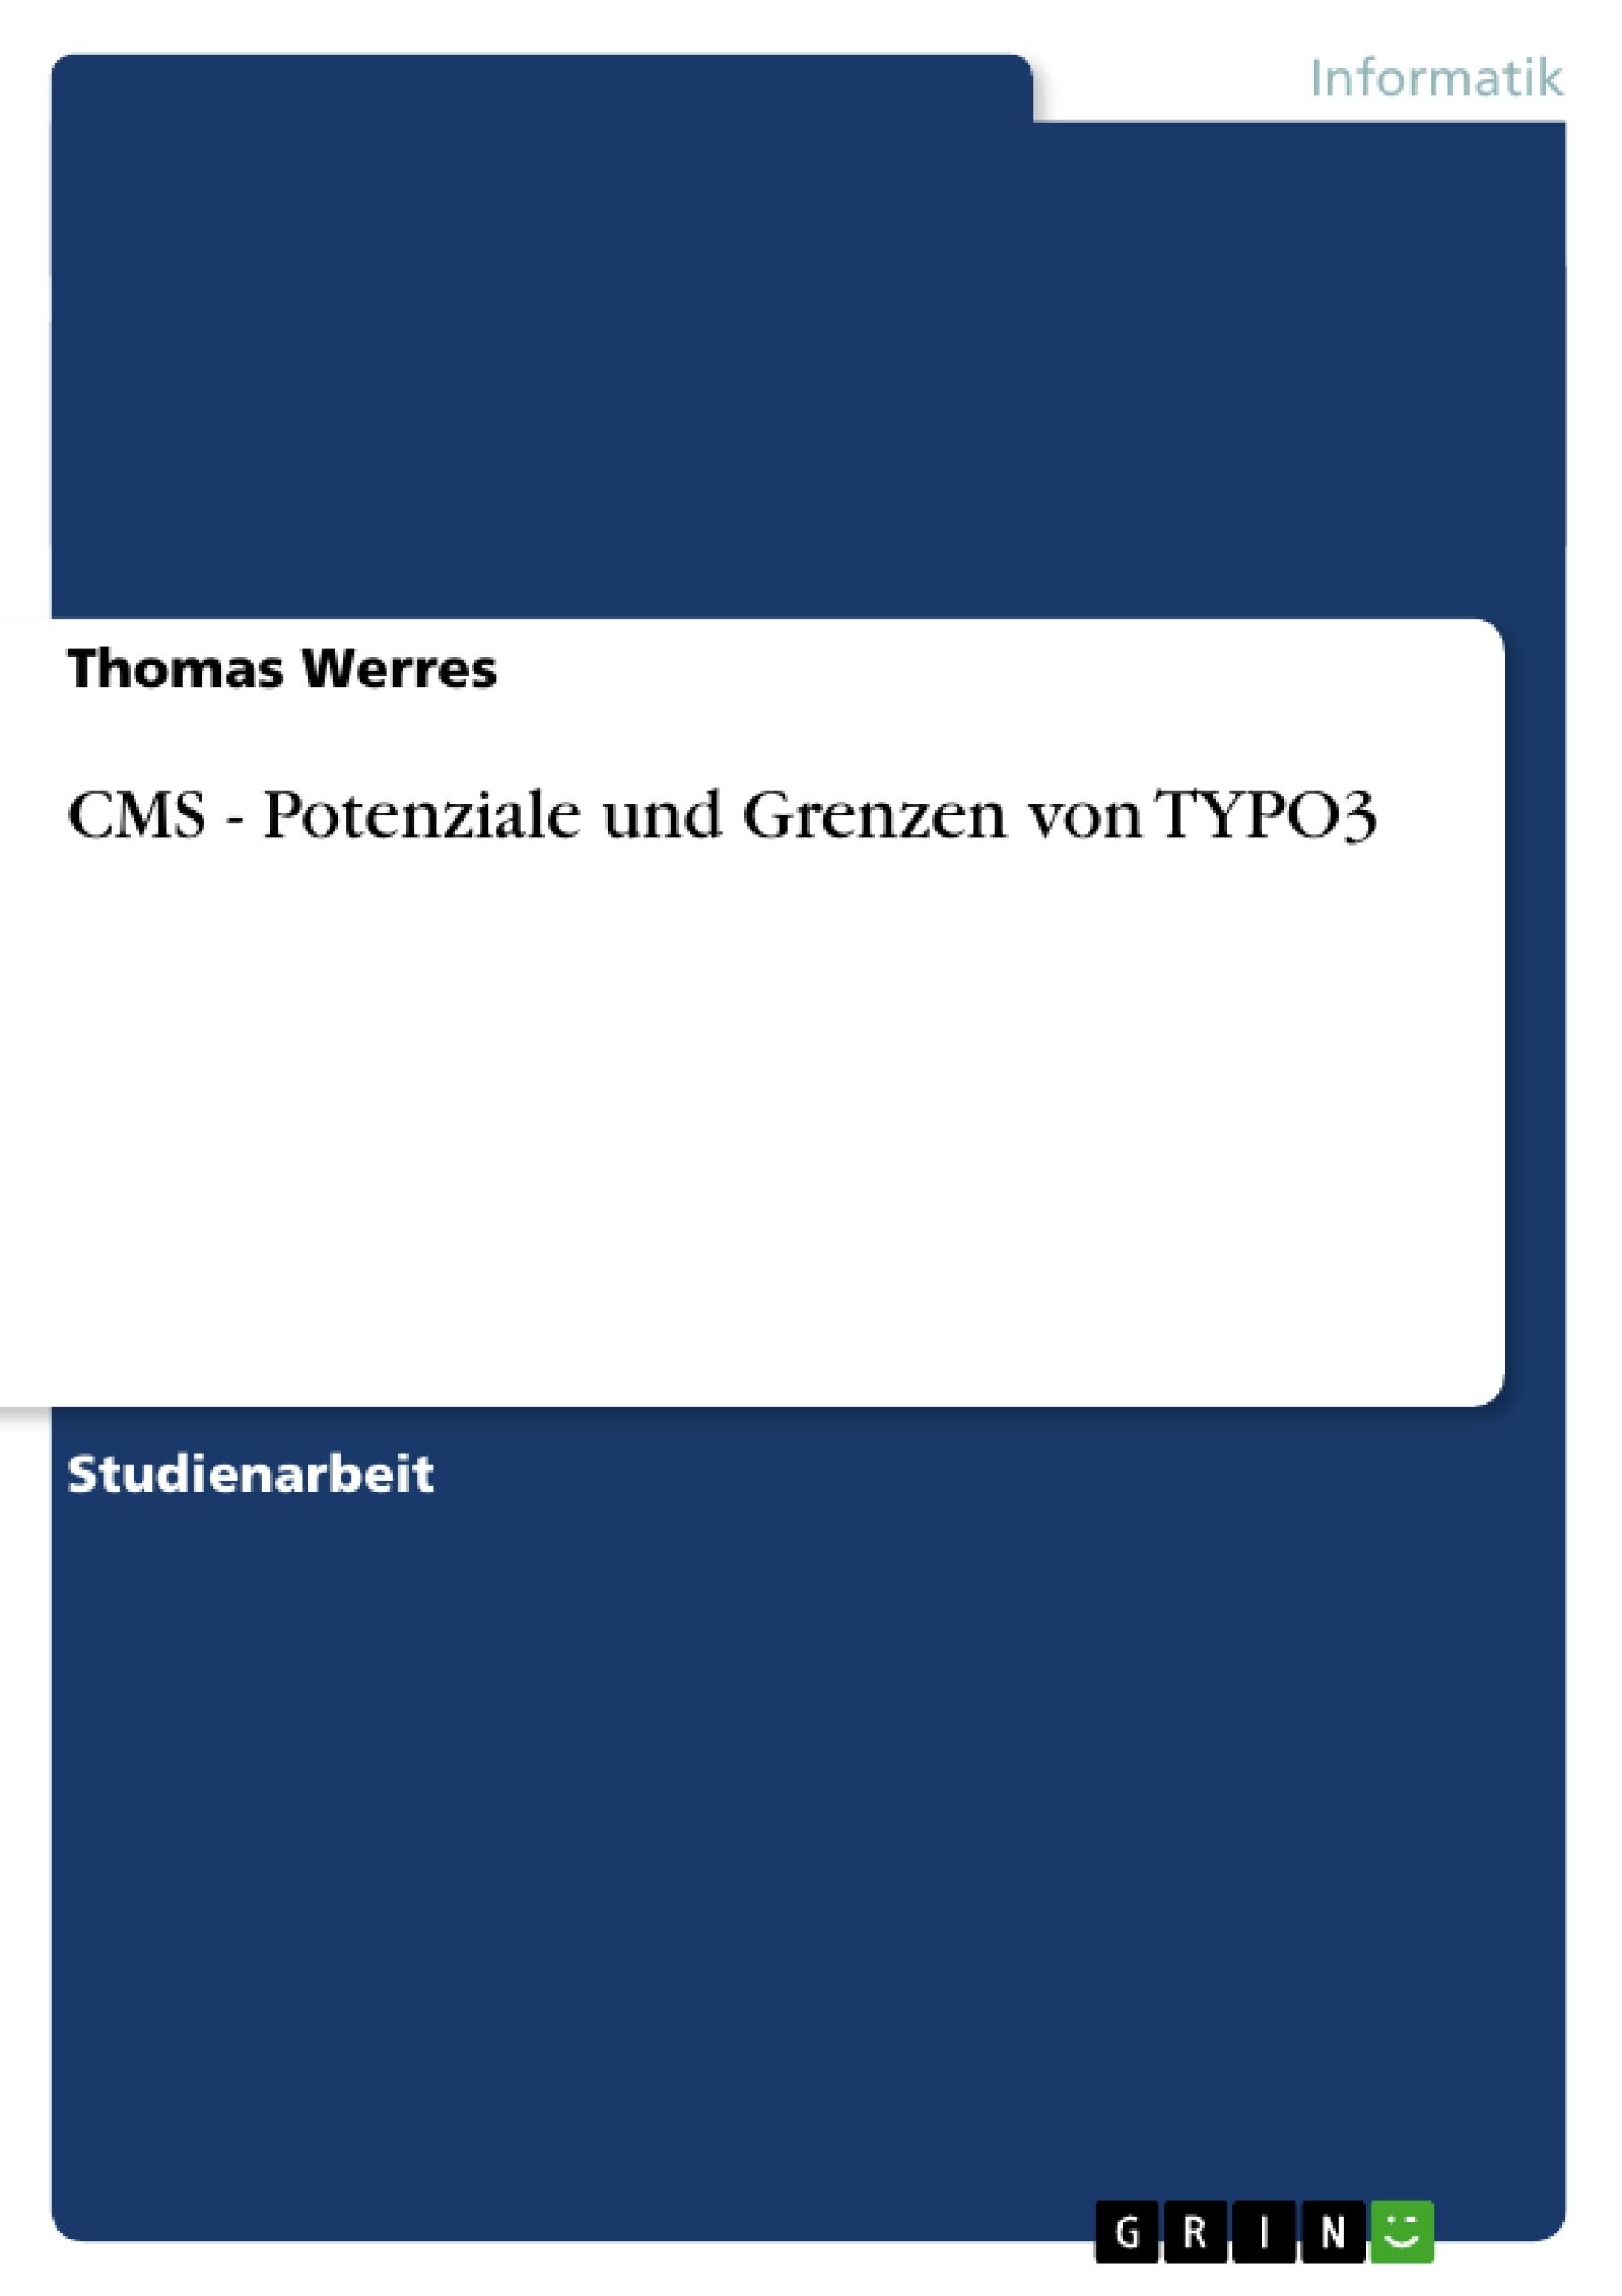 Titel: CMS - Potenziale und Grenzen von TYPO3